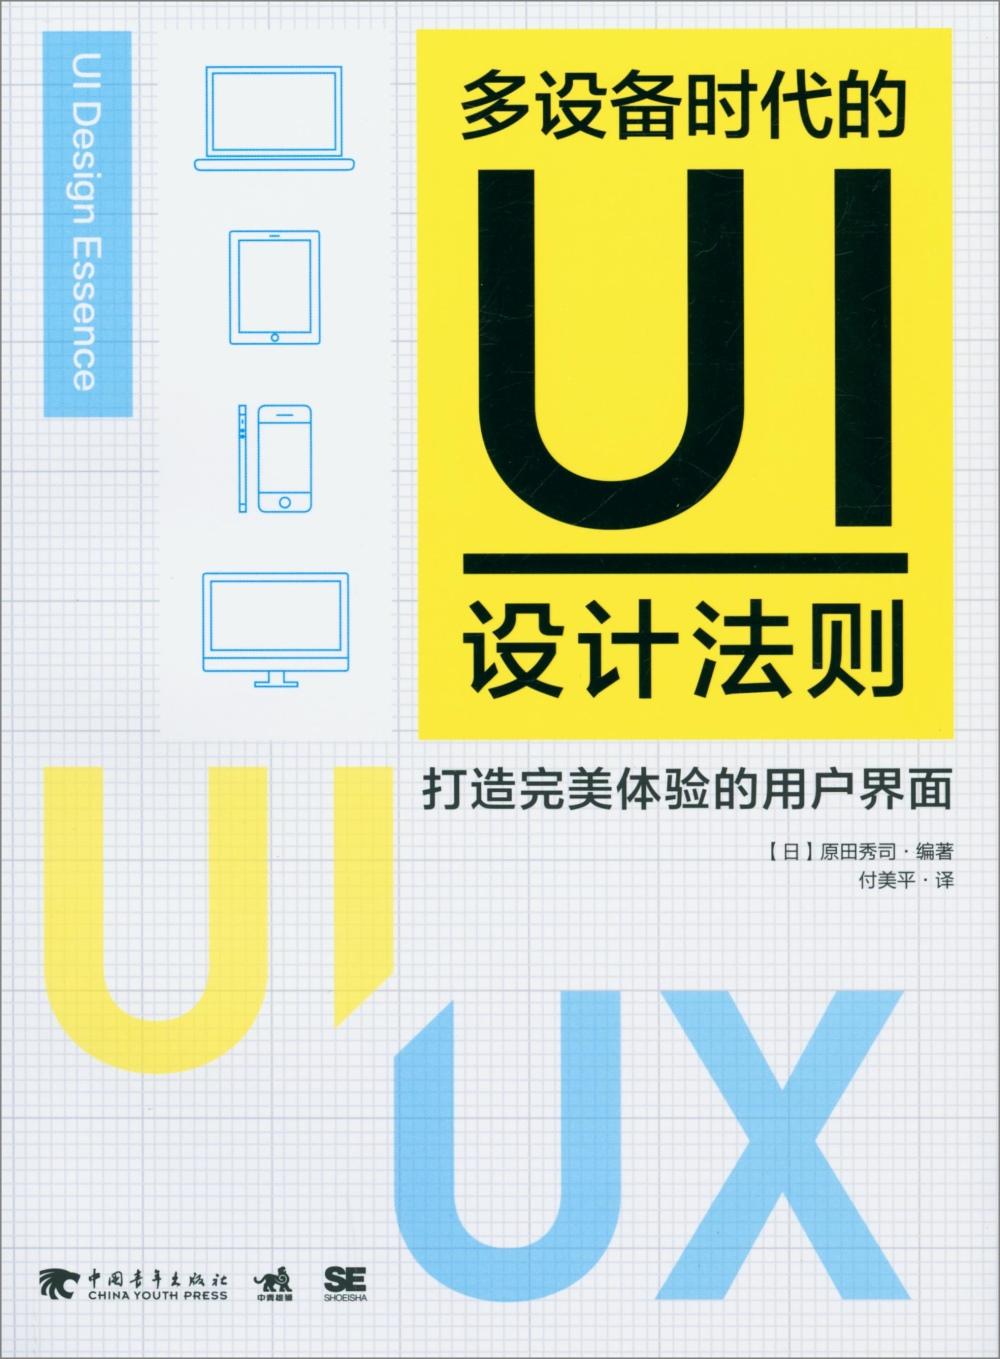 多設備時代的UI設計法則:打造完美體驗的用戶界面